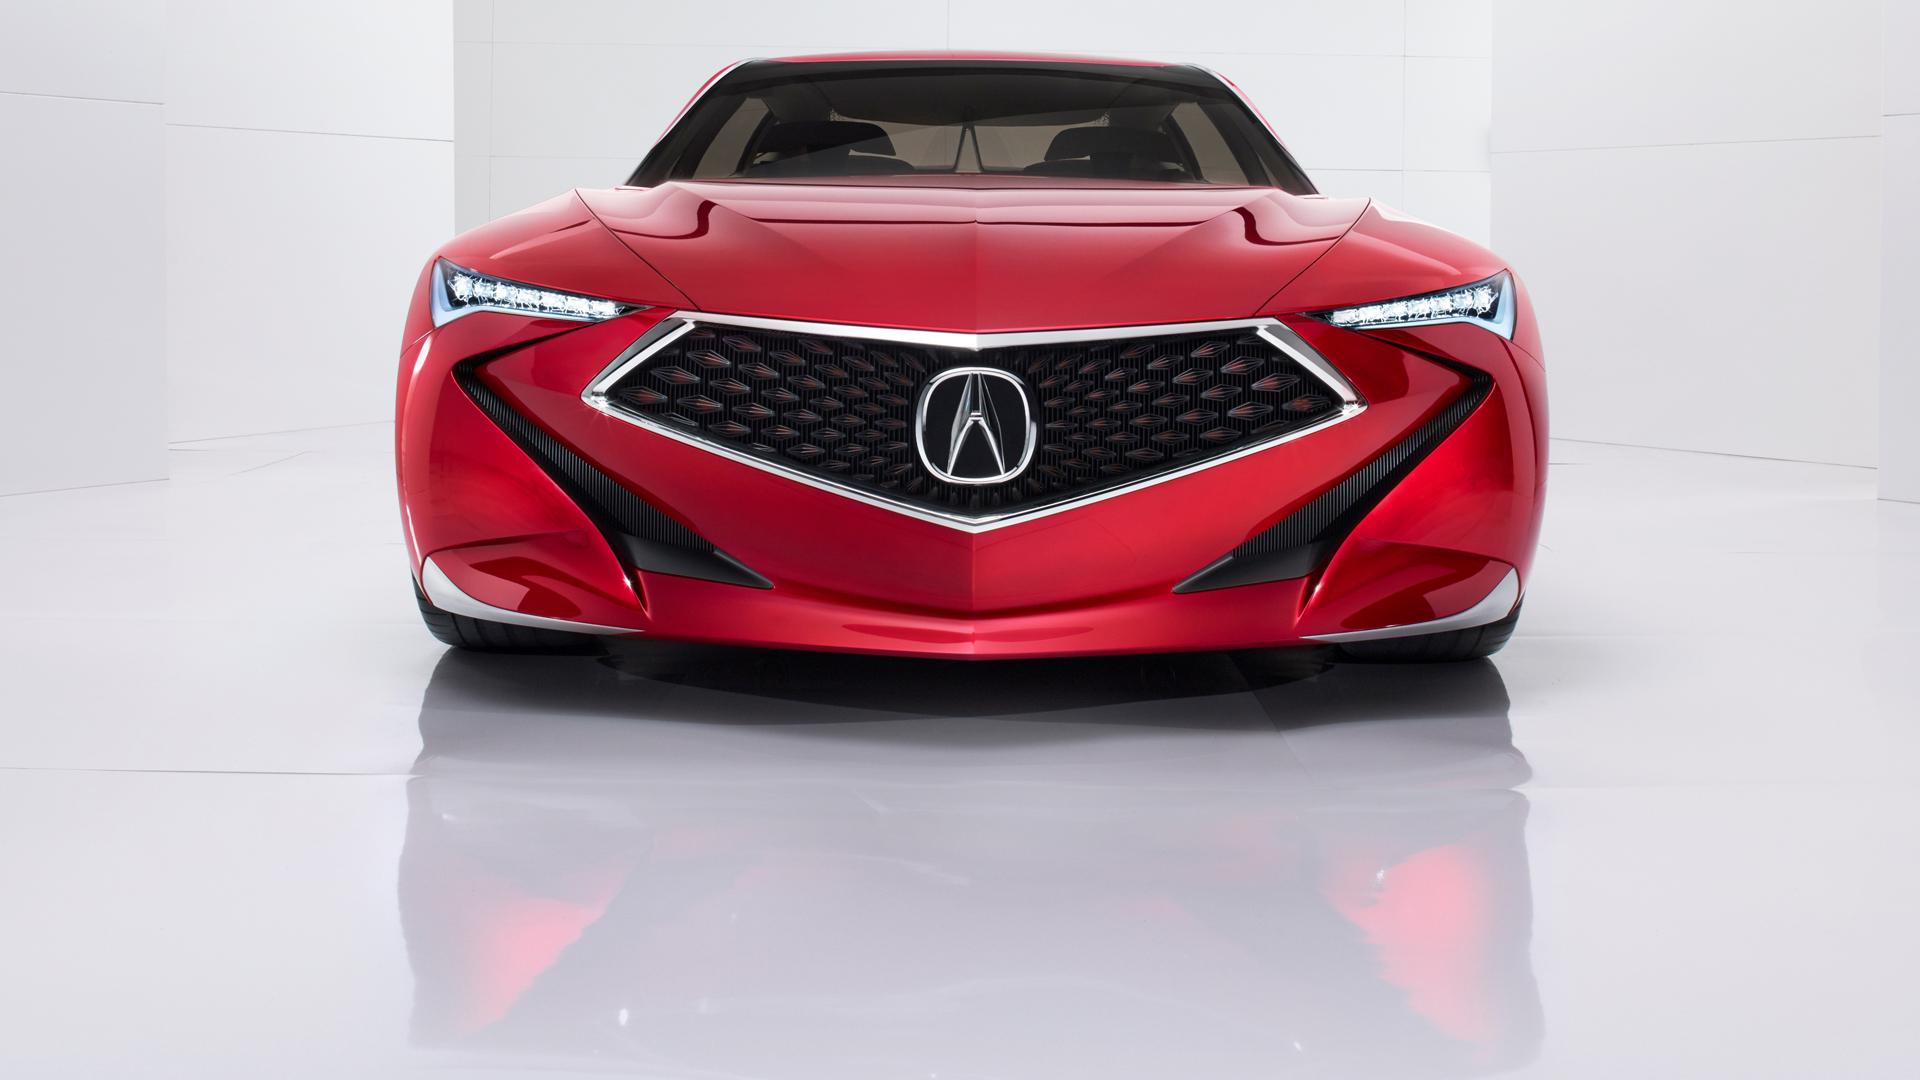 Acura Precison Concept - 2016 - front / avant - zoom